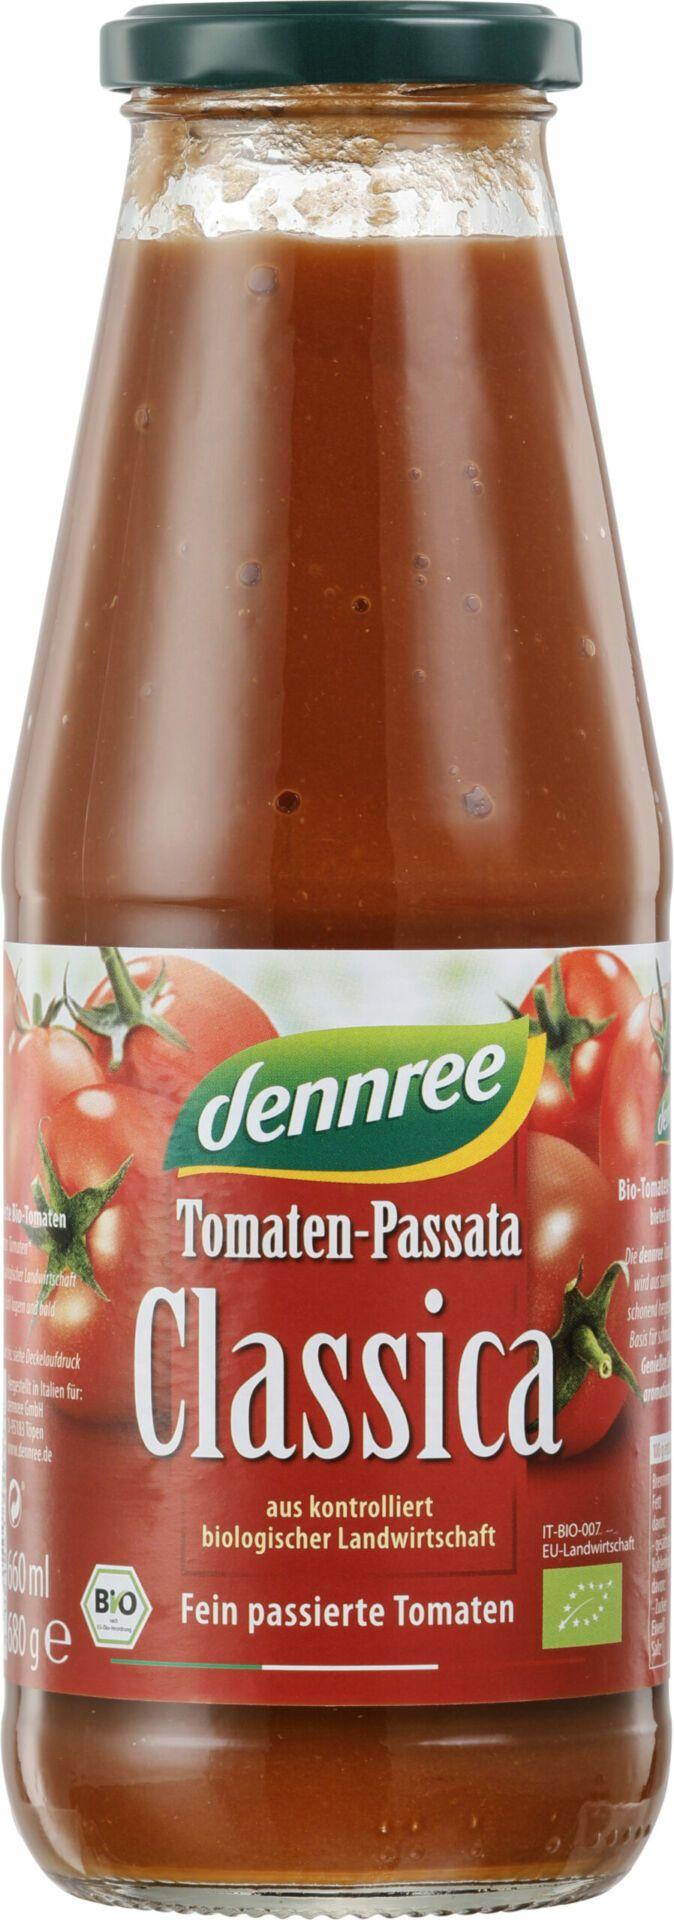 dennree Tomaten-Passata Classica 12x680g